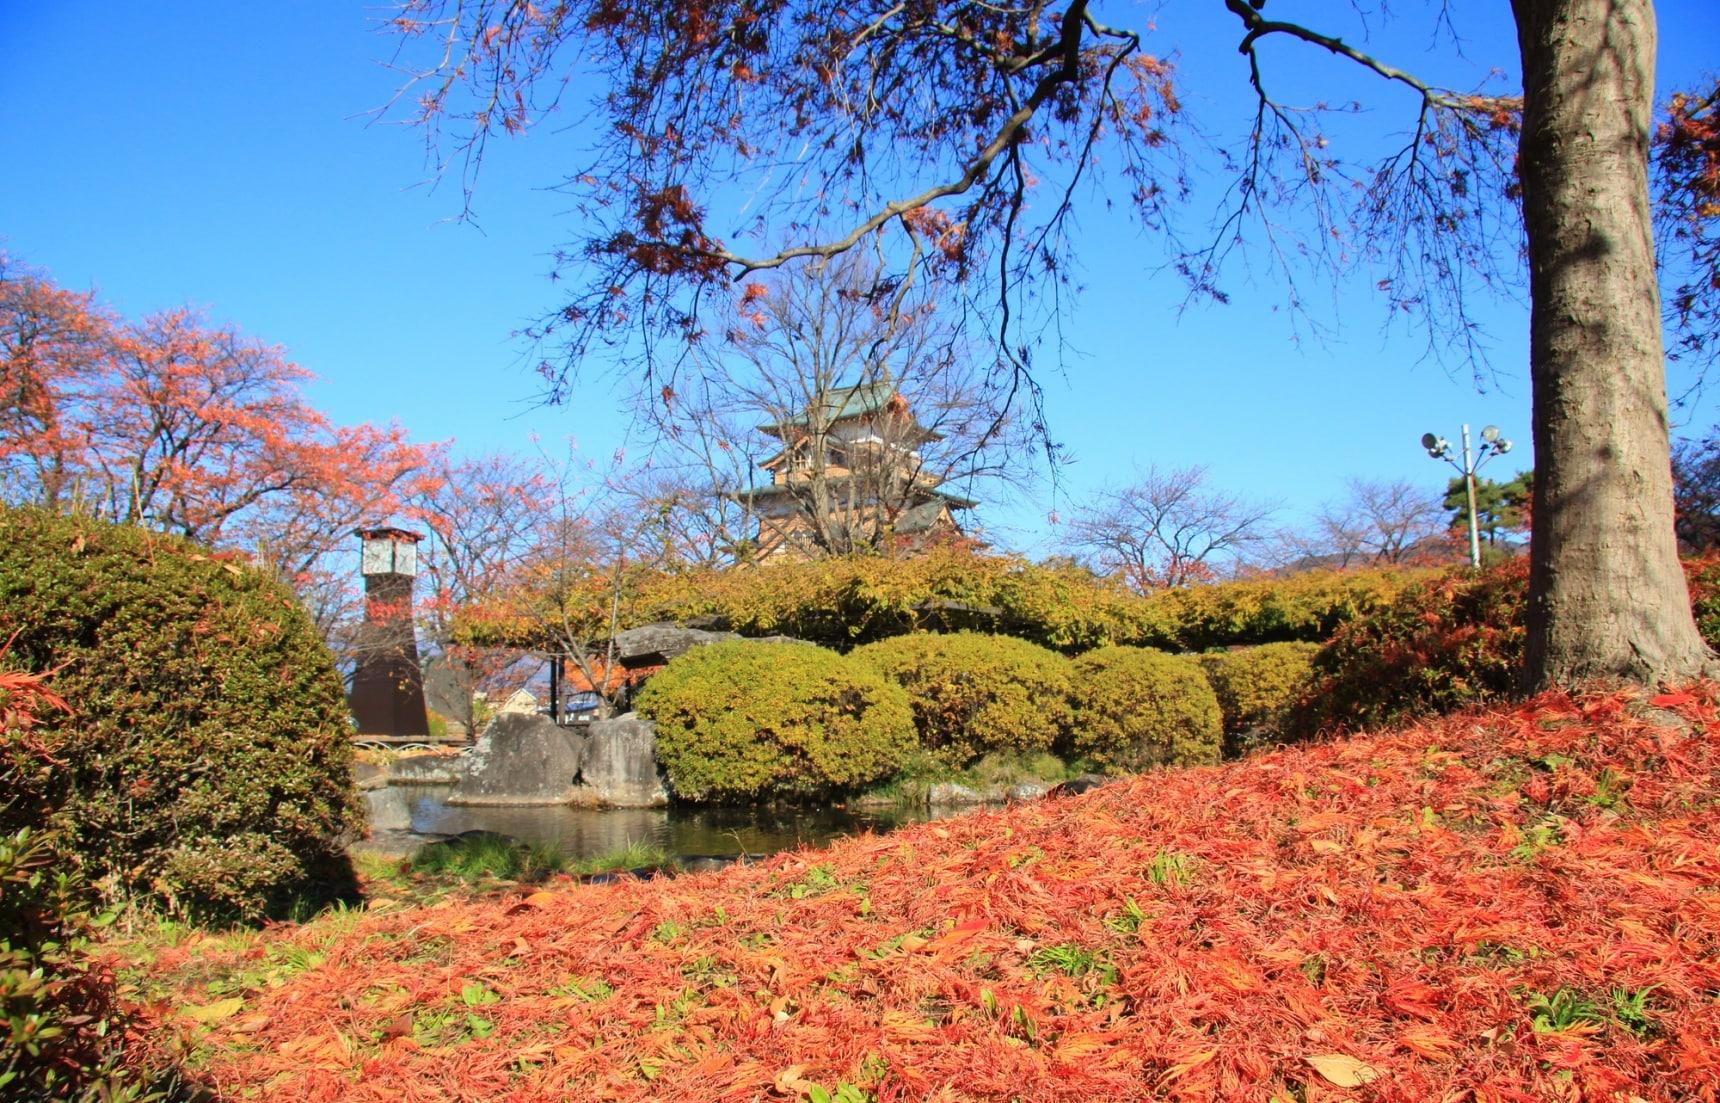 【長野自由行】諏訪古寺與古城的秋日紅葉巡禮